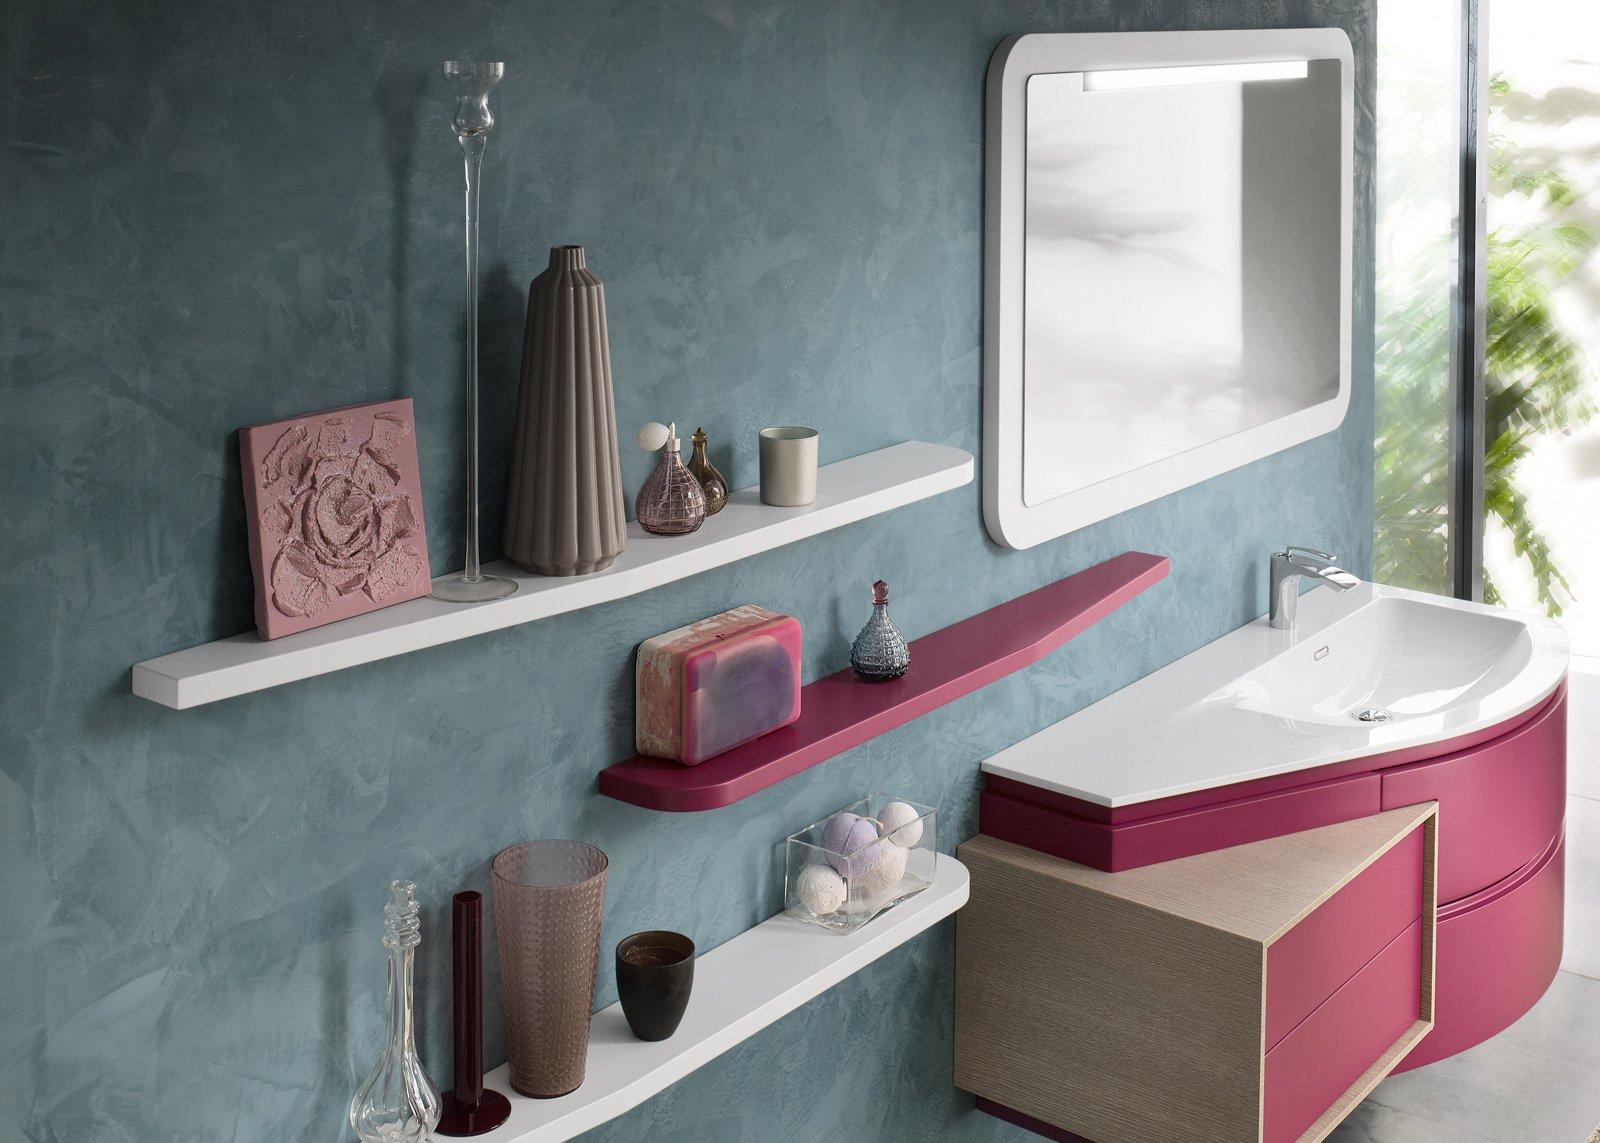 Armadietto Da Bagno Alterna : Mobili bagno con cassetti. tutto in ordine sotto il lavabo cose di